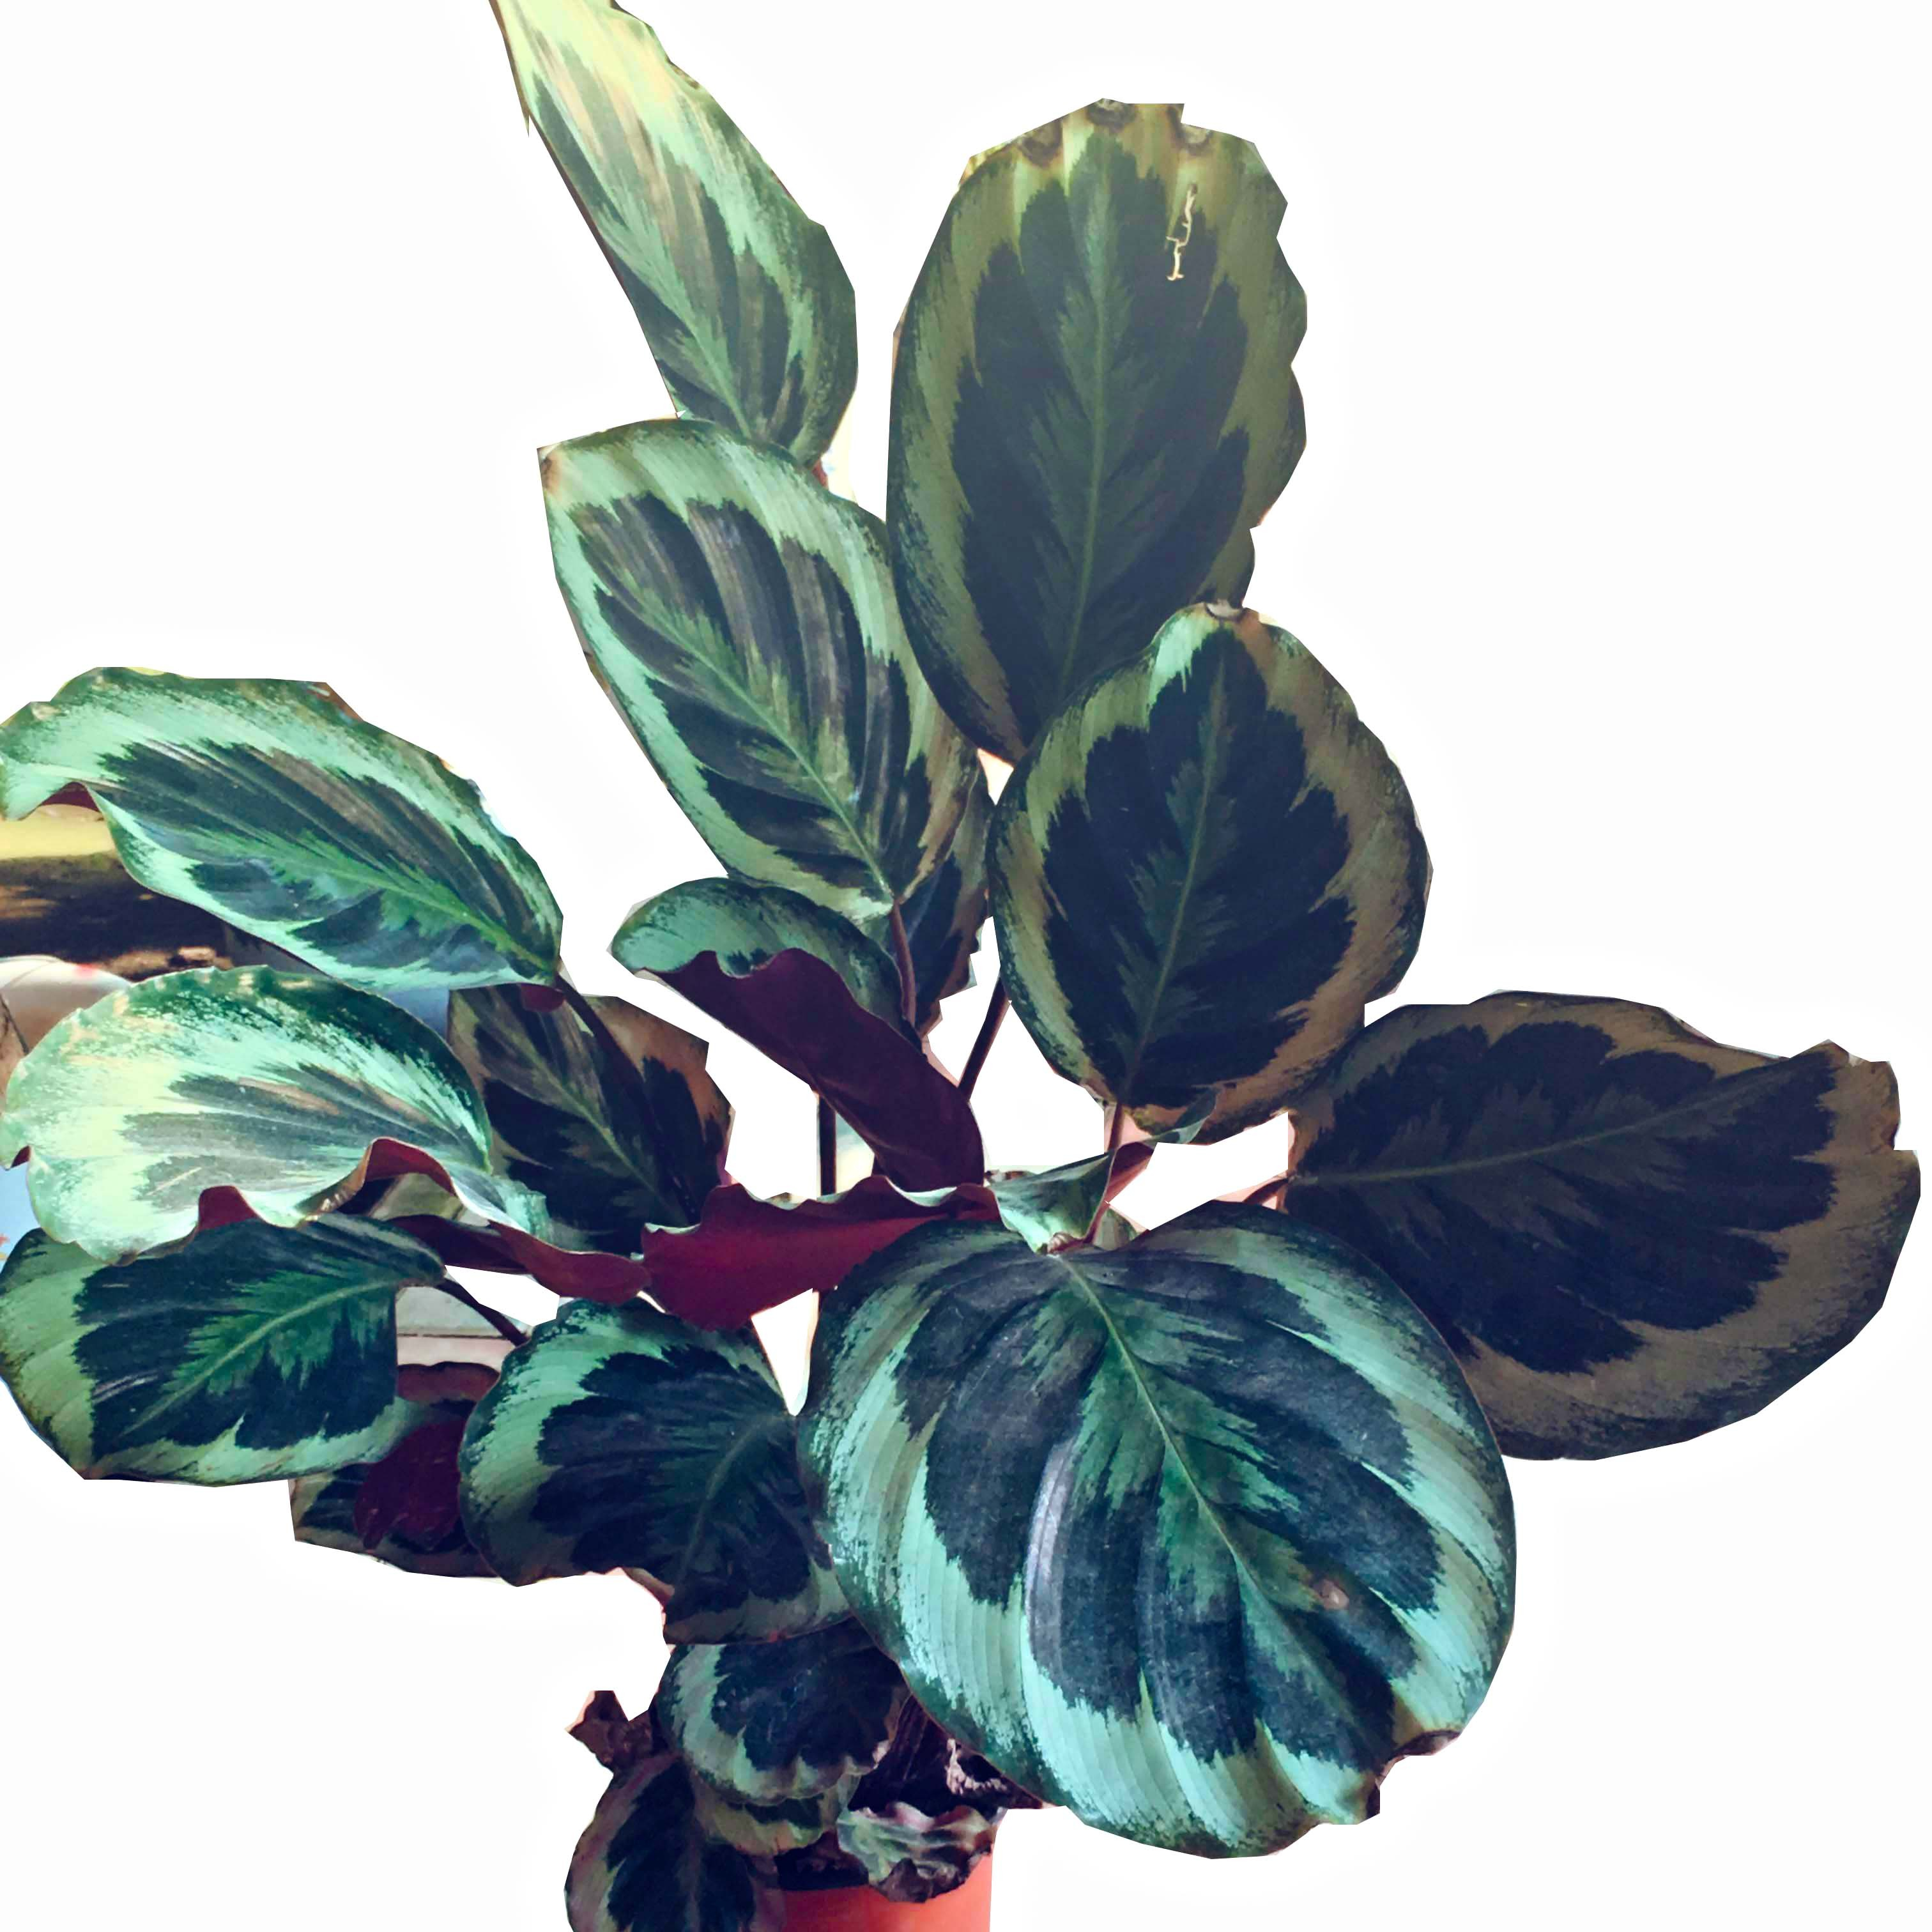 蓝达 绿植孔雀竹芋客厅室内观叶植物水培小盆栽办公室吸甲醛净化空气